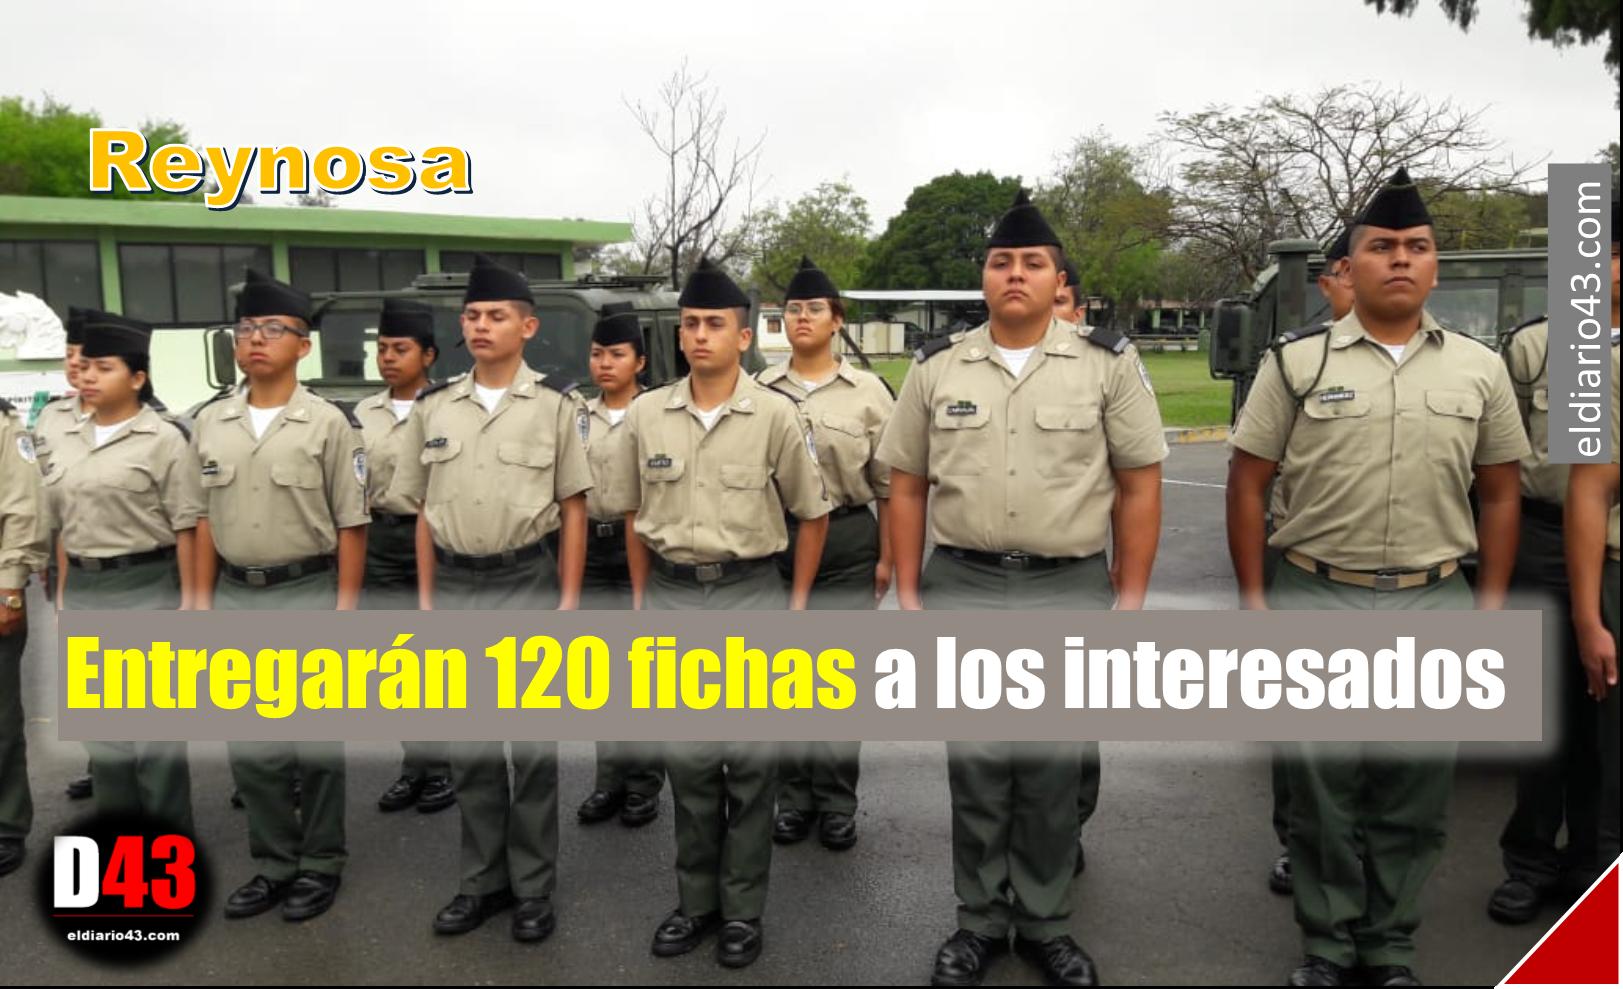 Lanzan convocatoria para bachillerato militarizado en Reynosa